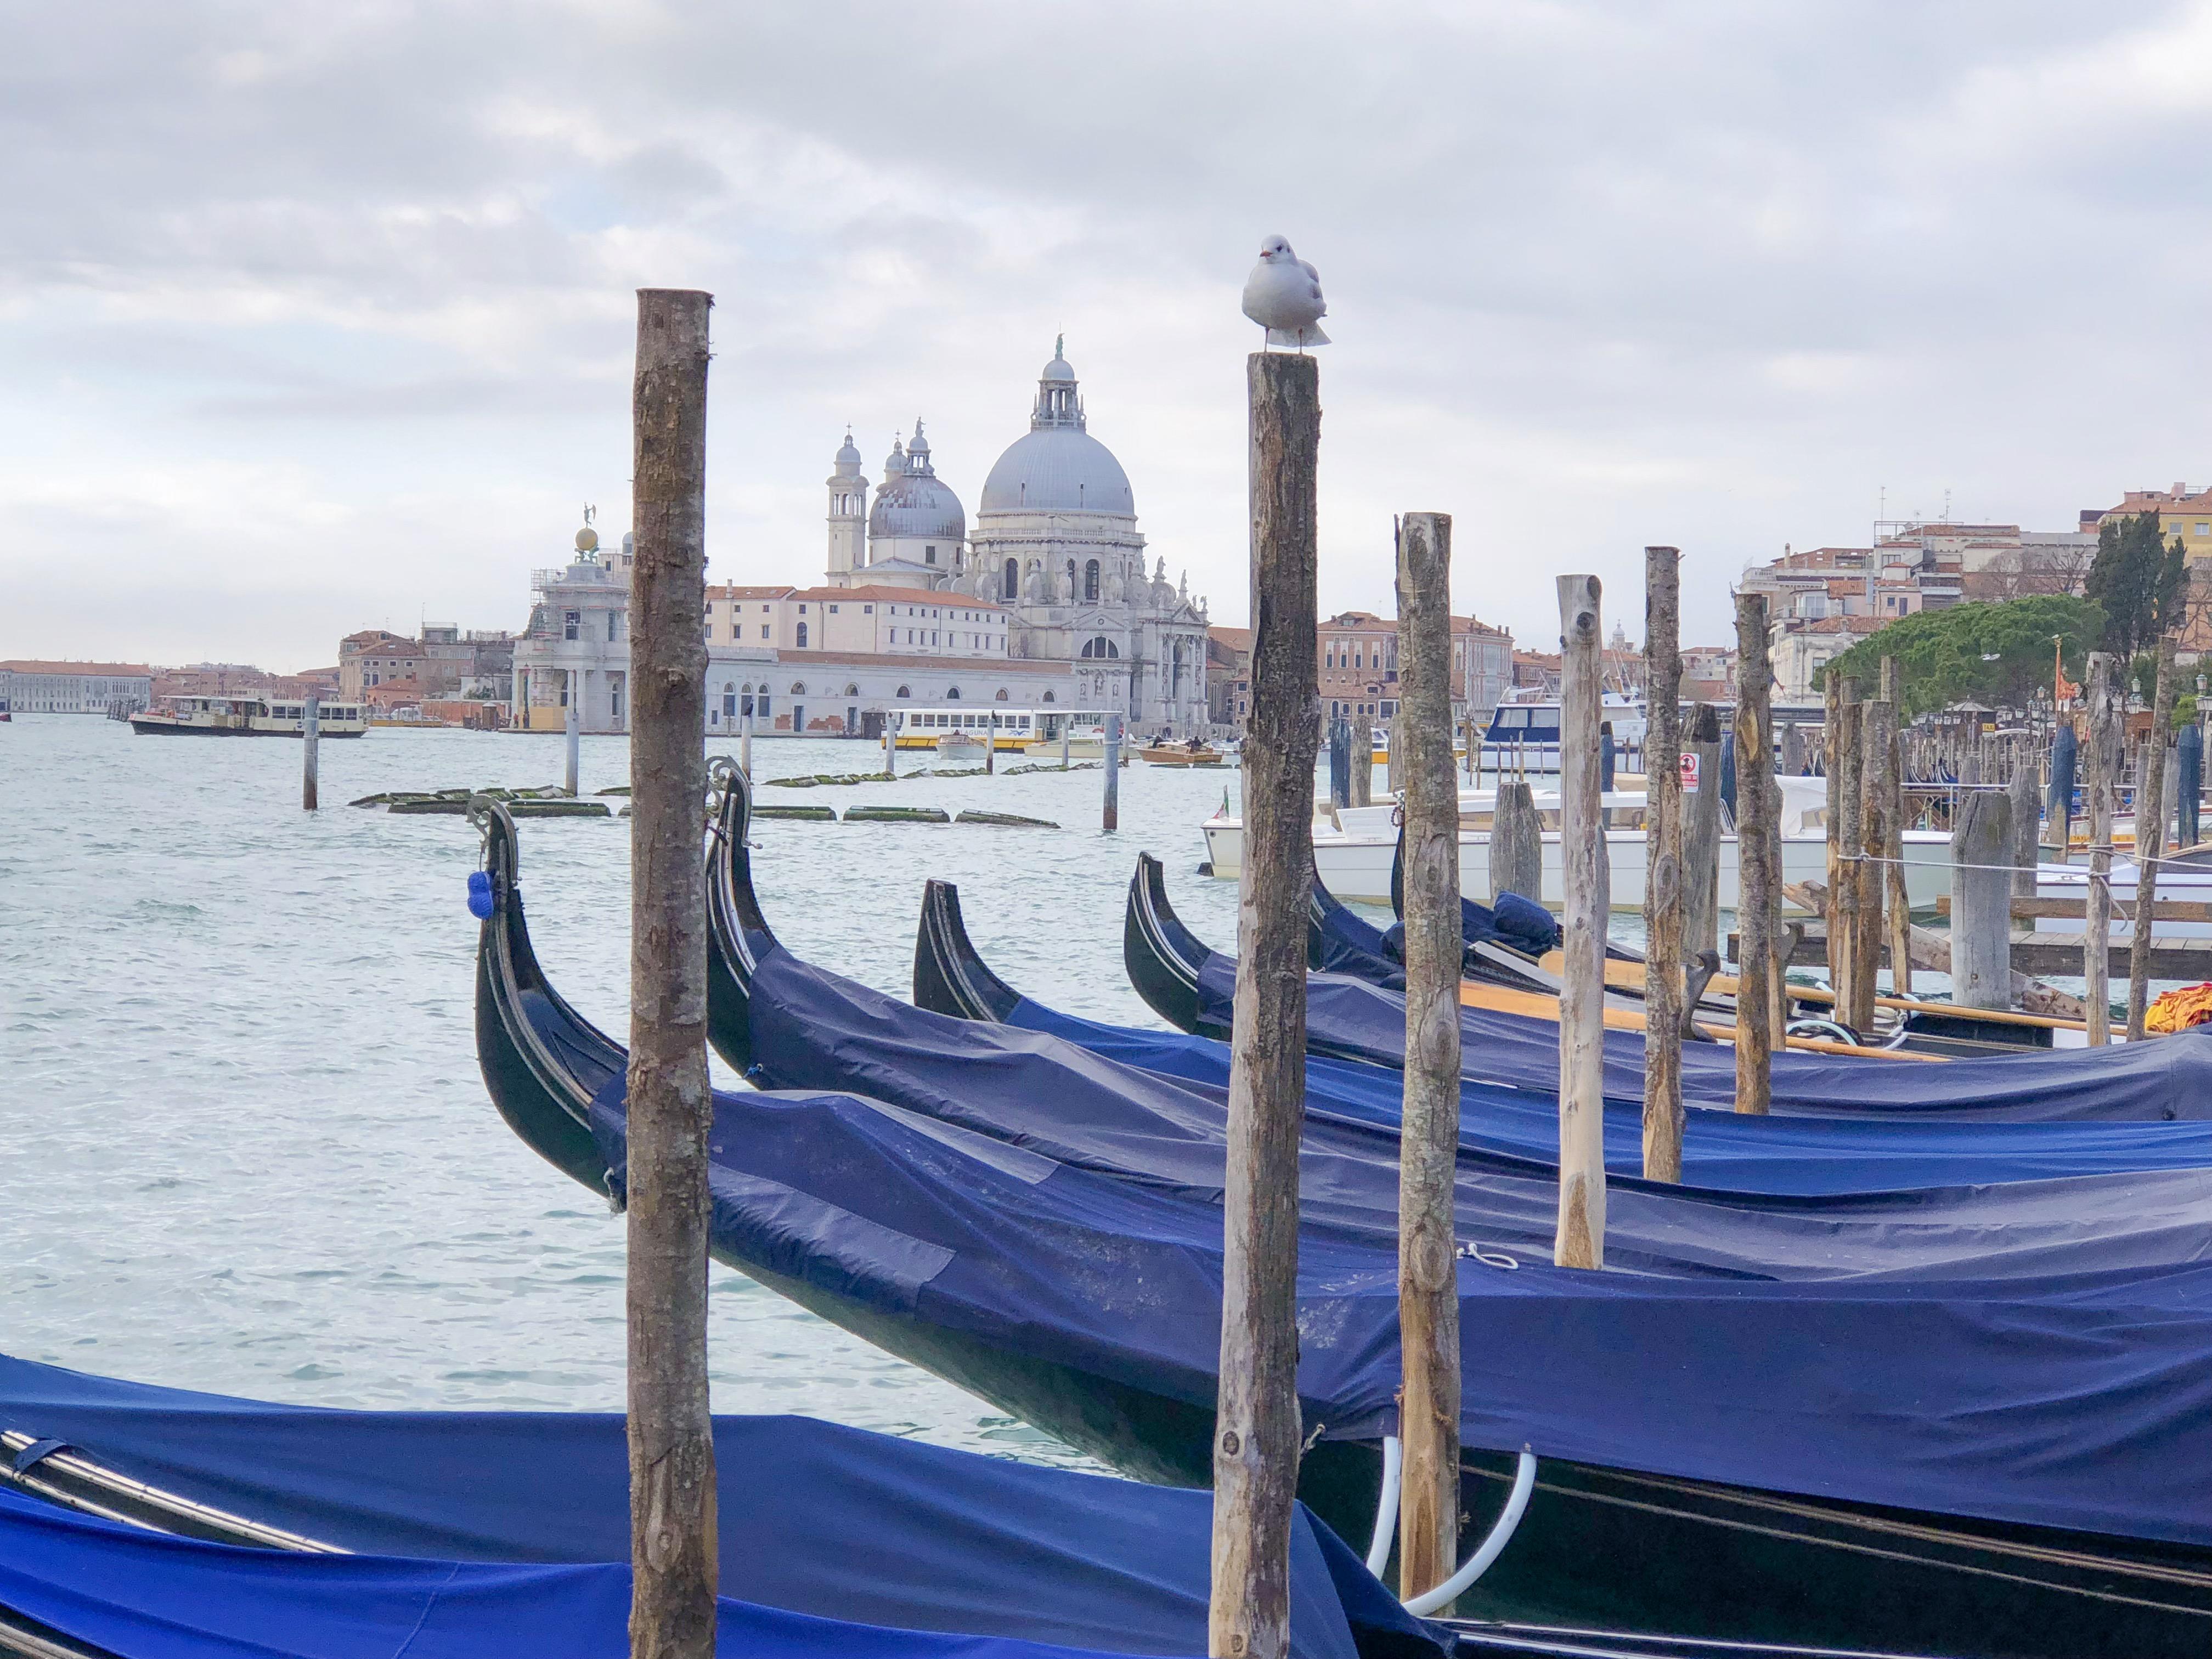 Guia de Veneza - O que fazer em Veneza - Grande Canal